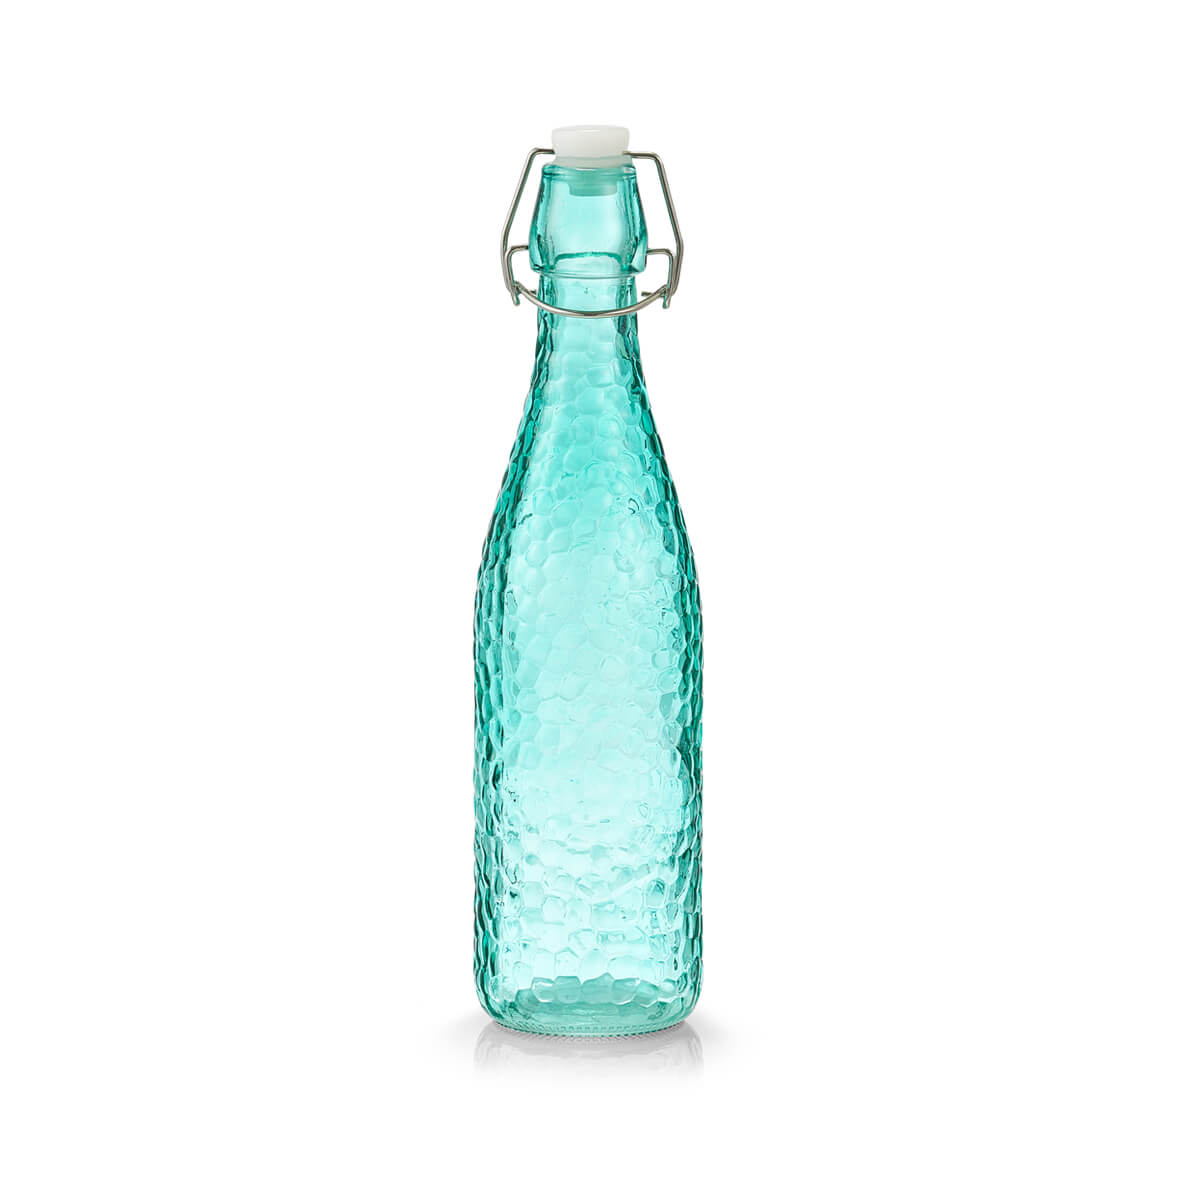 """Zeller skleněná láhev s pákovým uzávěrem """"Aqua"""" 500 ml,19756"""